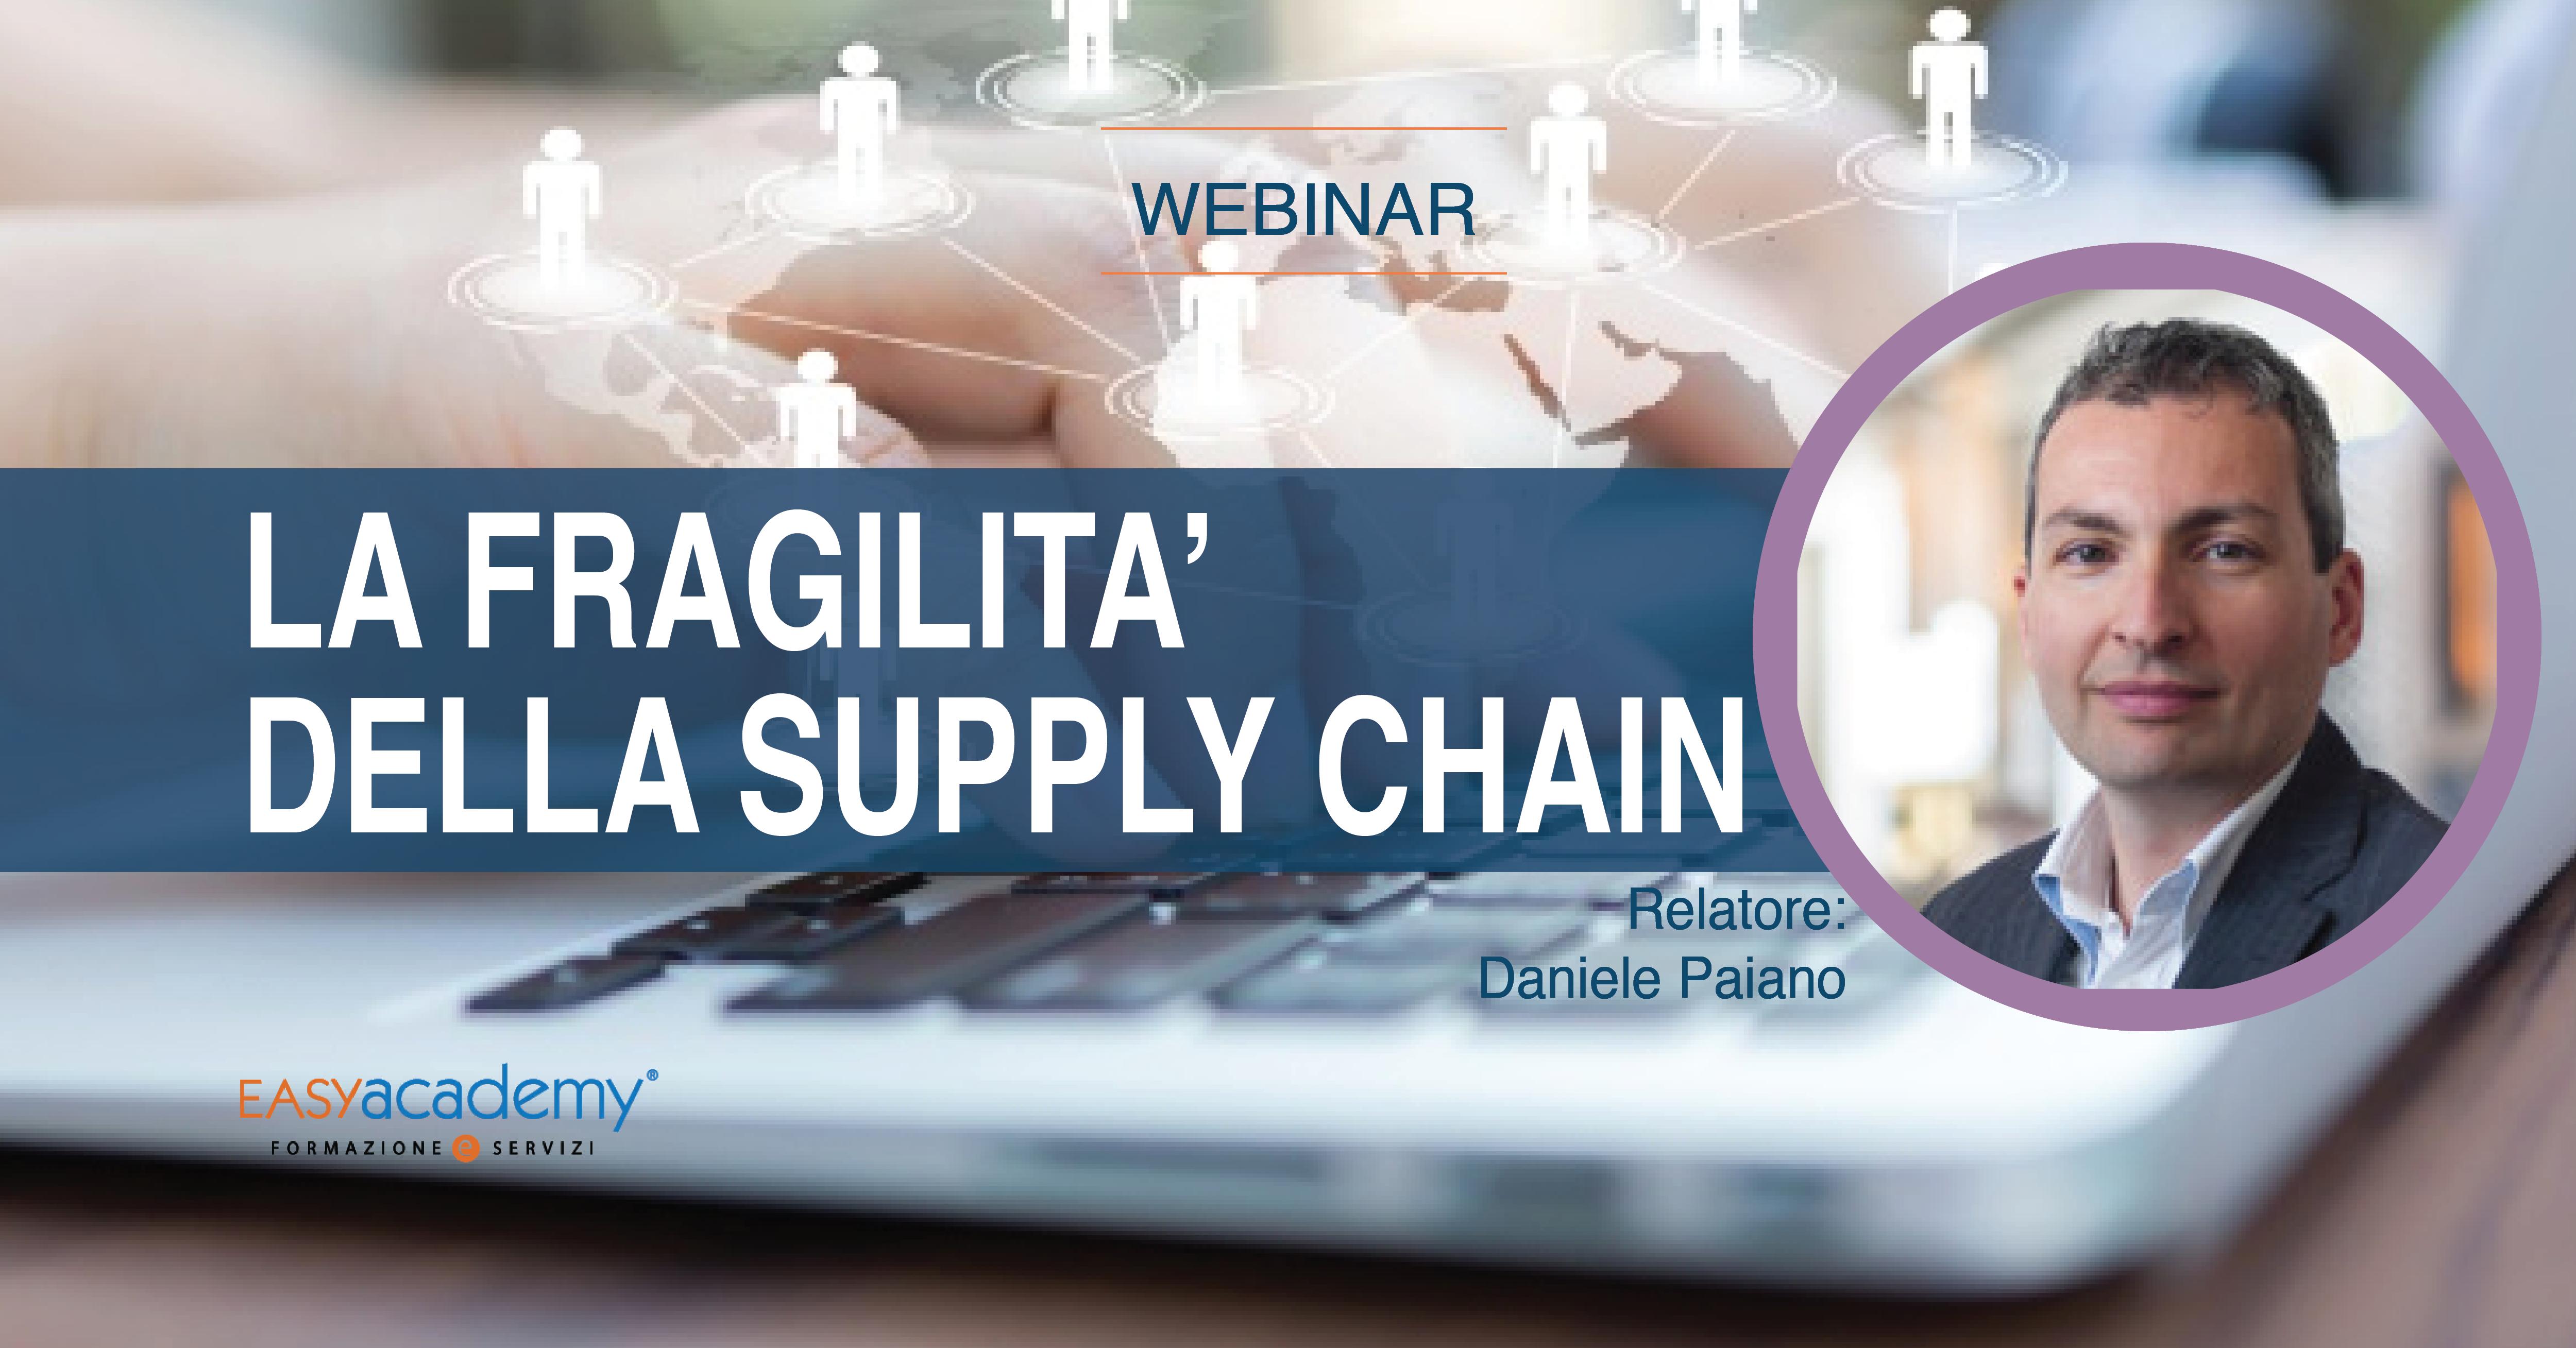 WEBINAR - La fragilità della supply chain